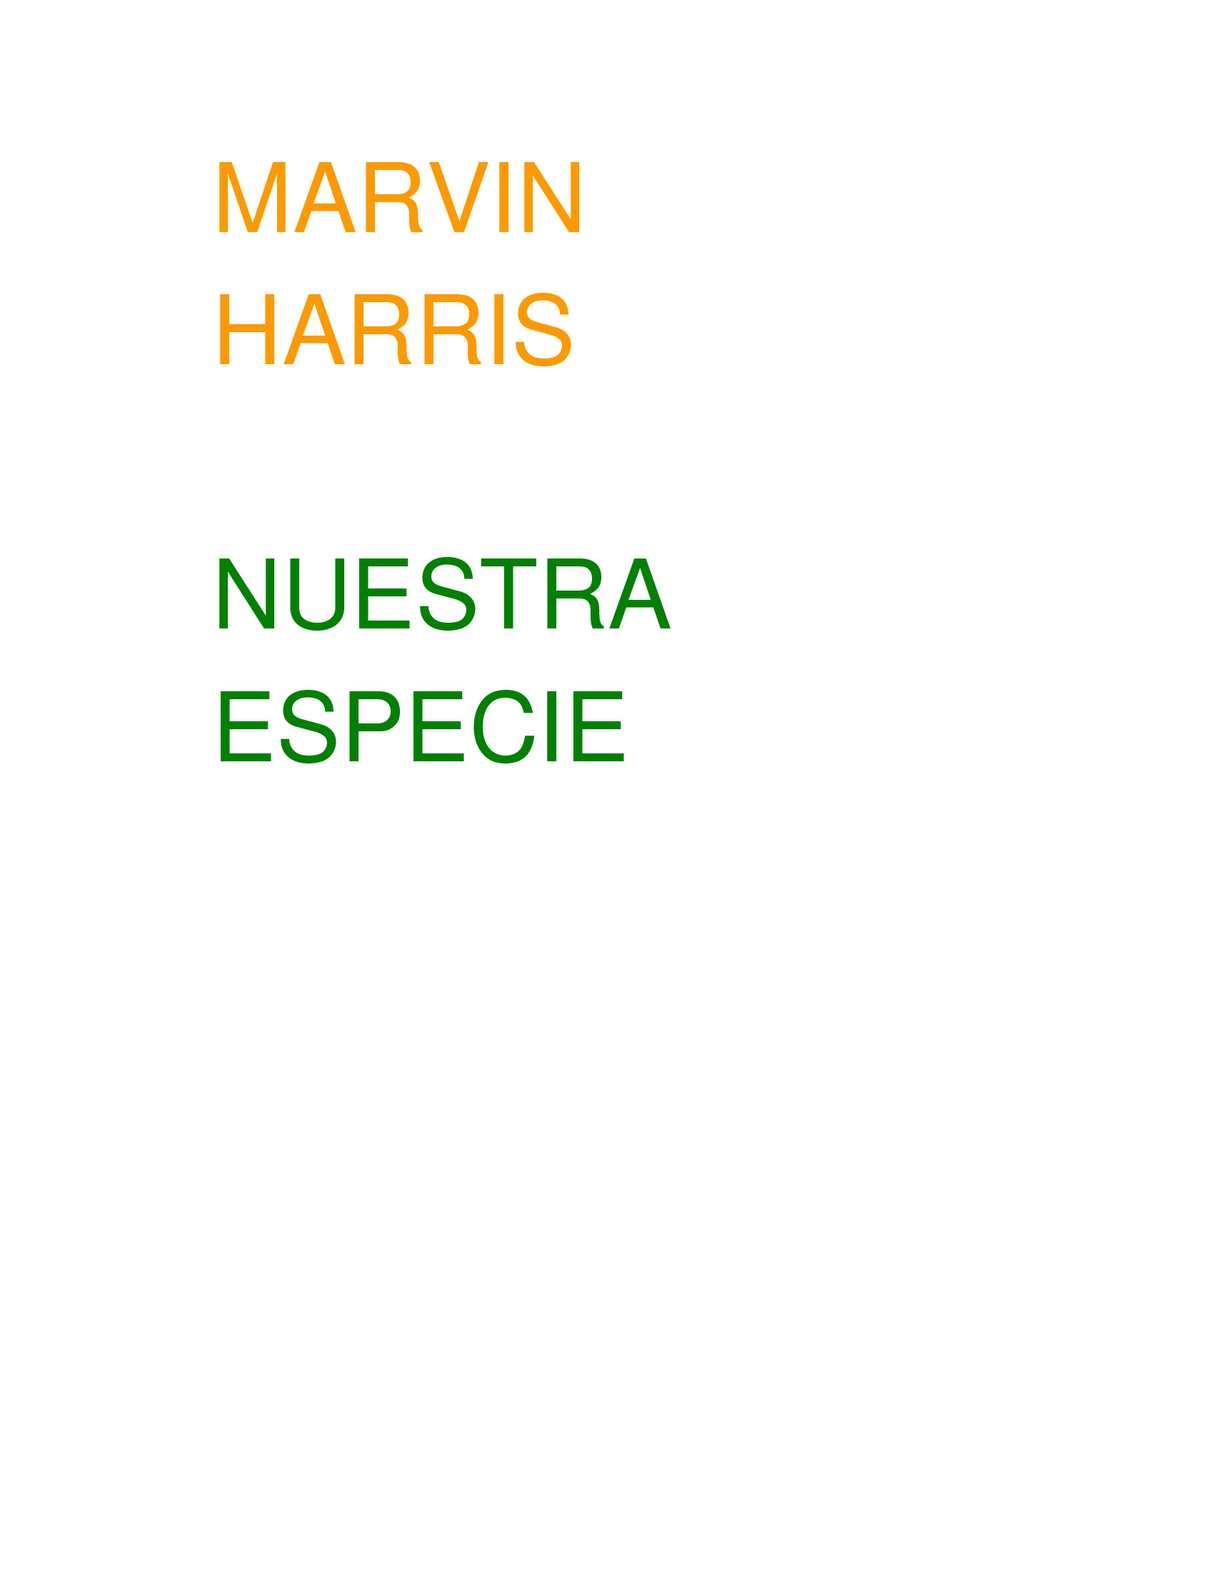 Calaméo - Nuestra Especie Marvin Harris Antropologia